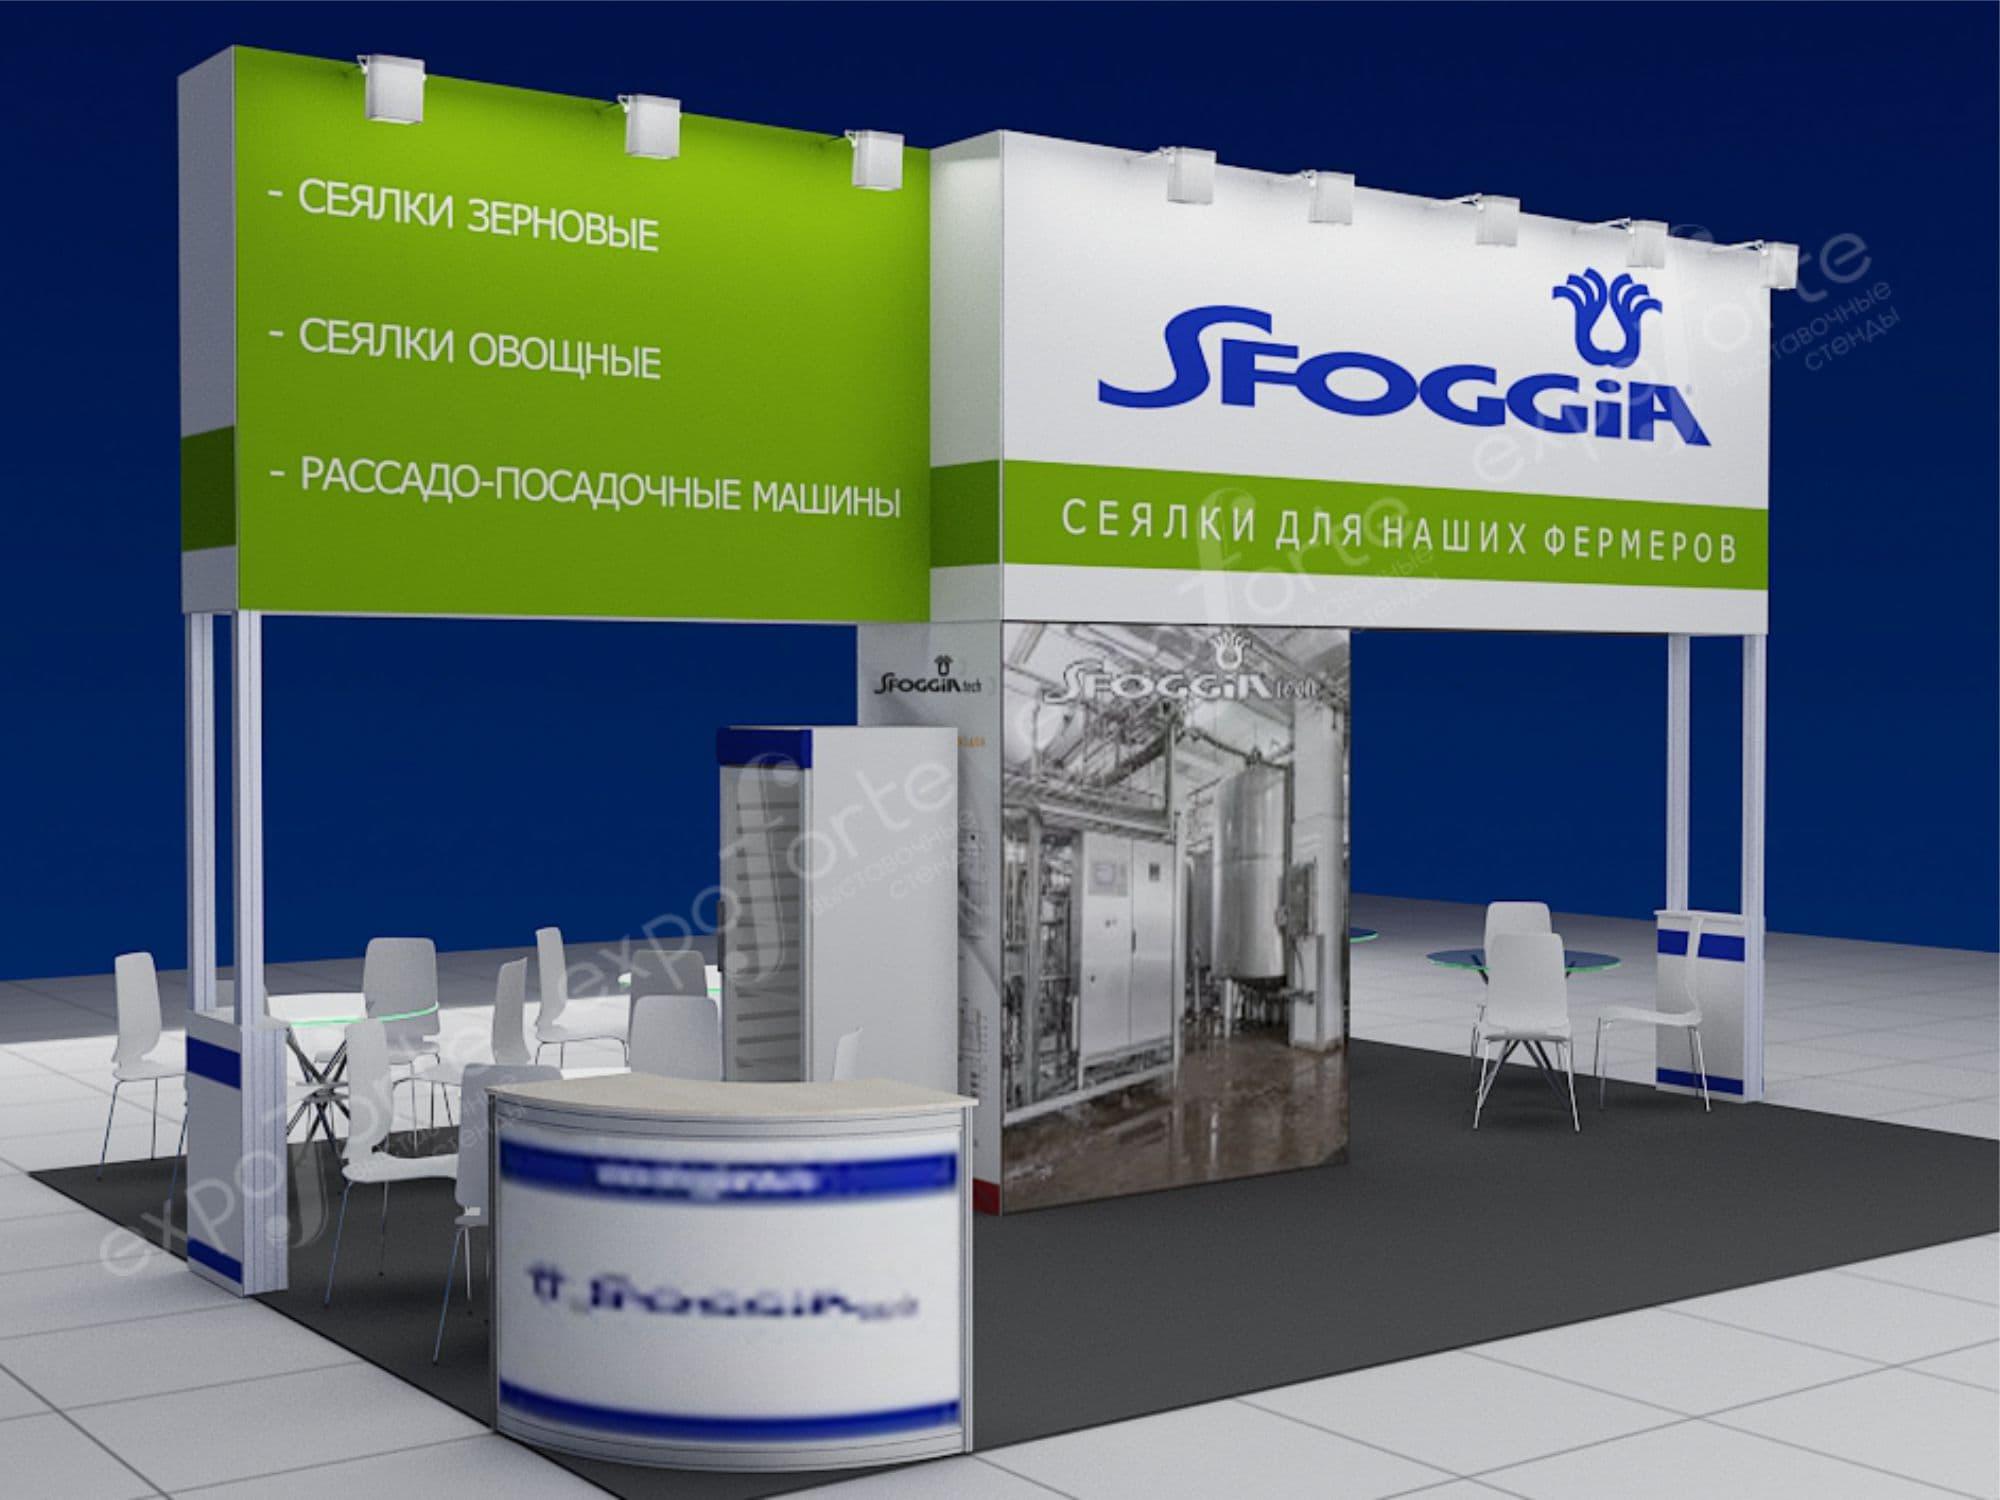 Фото: SFOGGIA, выставка Agrofarm – картинка 3